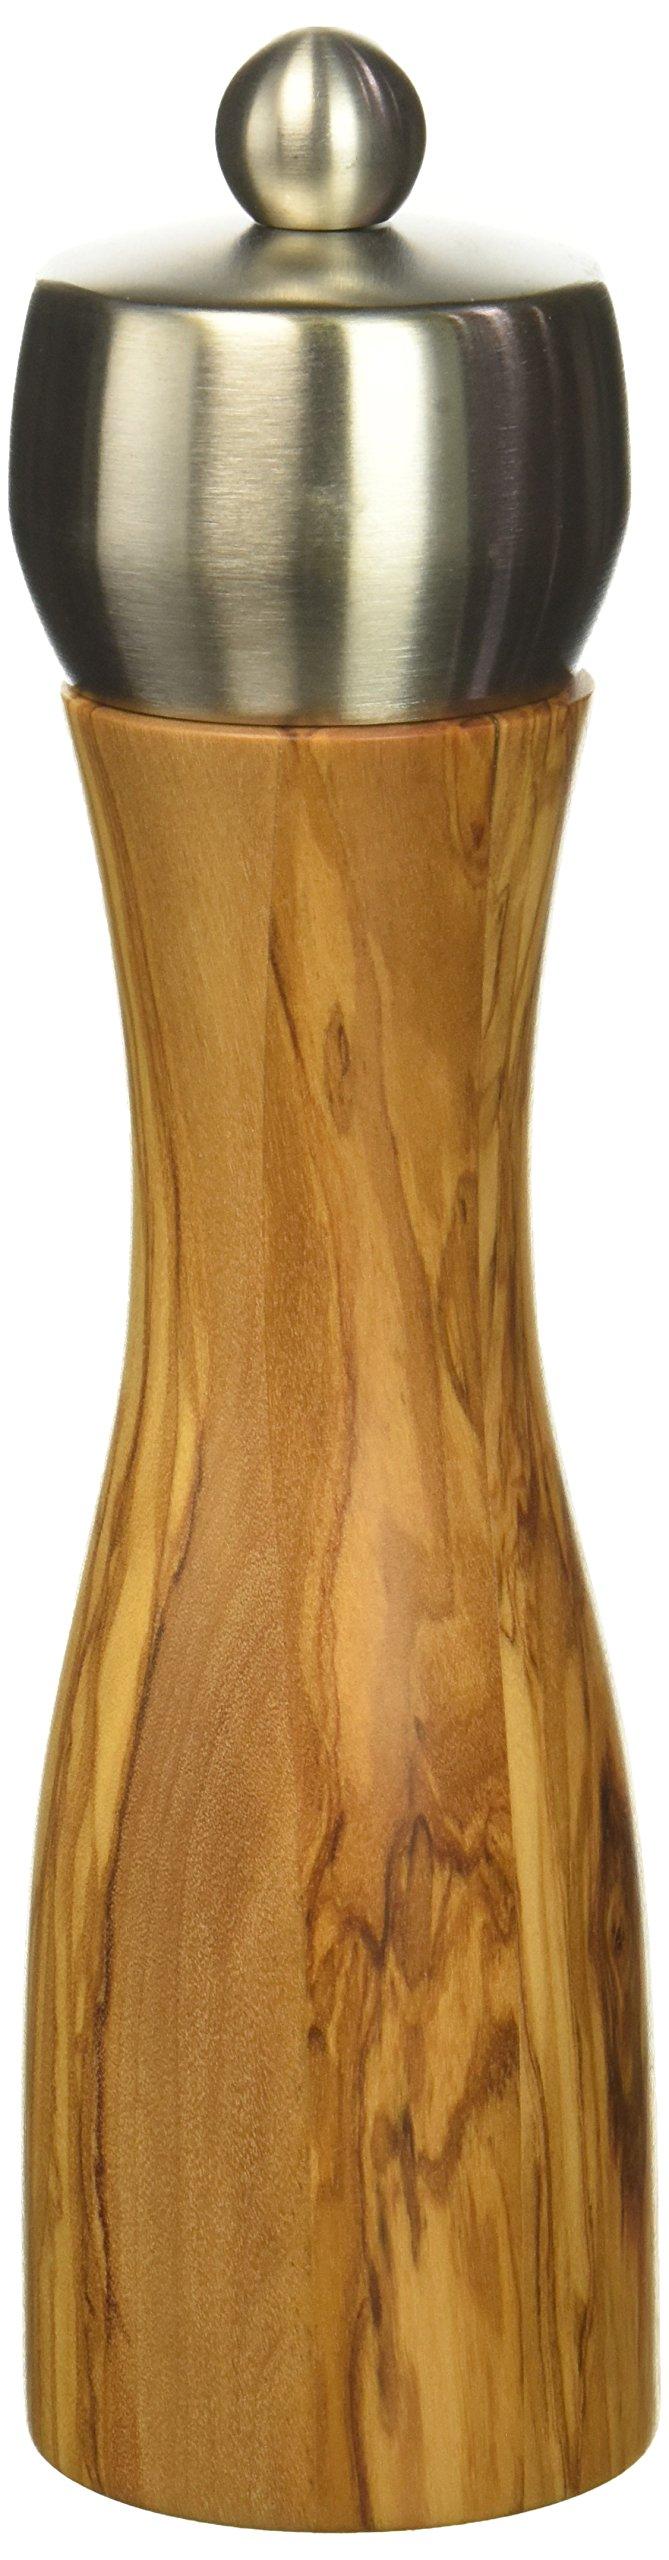 Peugeot 33828 Classic Fidji Pepper Mill, Olive Wood, 20 cm